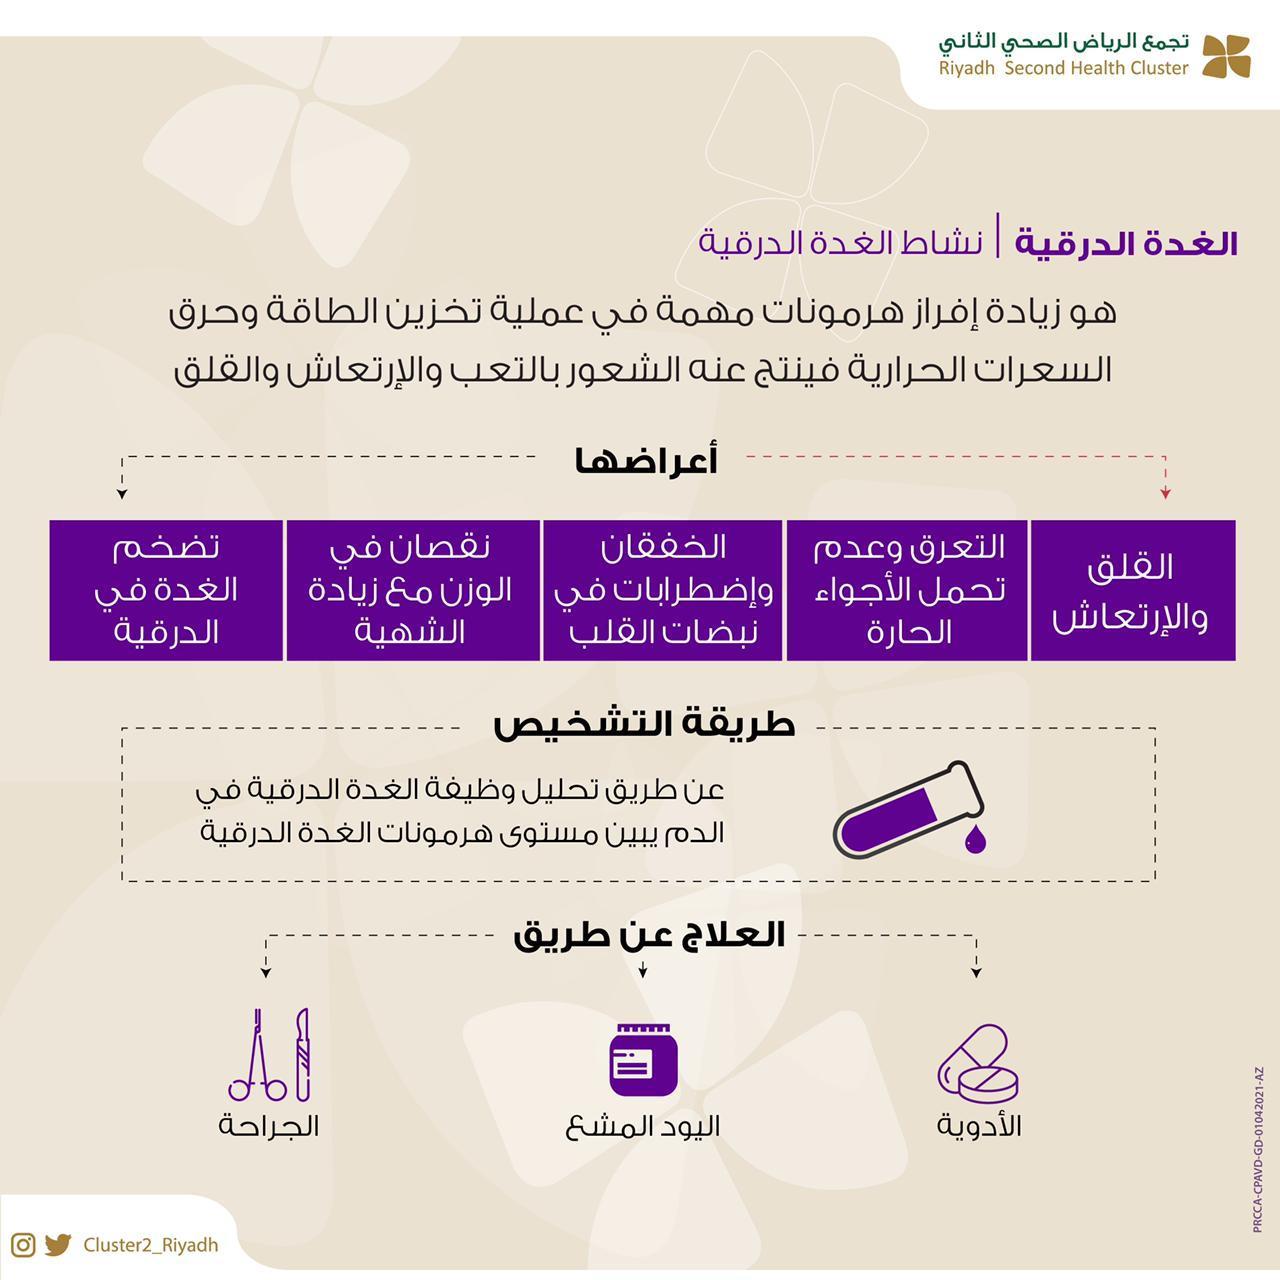 تجمع الرياض الثاني يشدد على أهمية اجراء التحاليل للغدة الدرقية